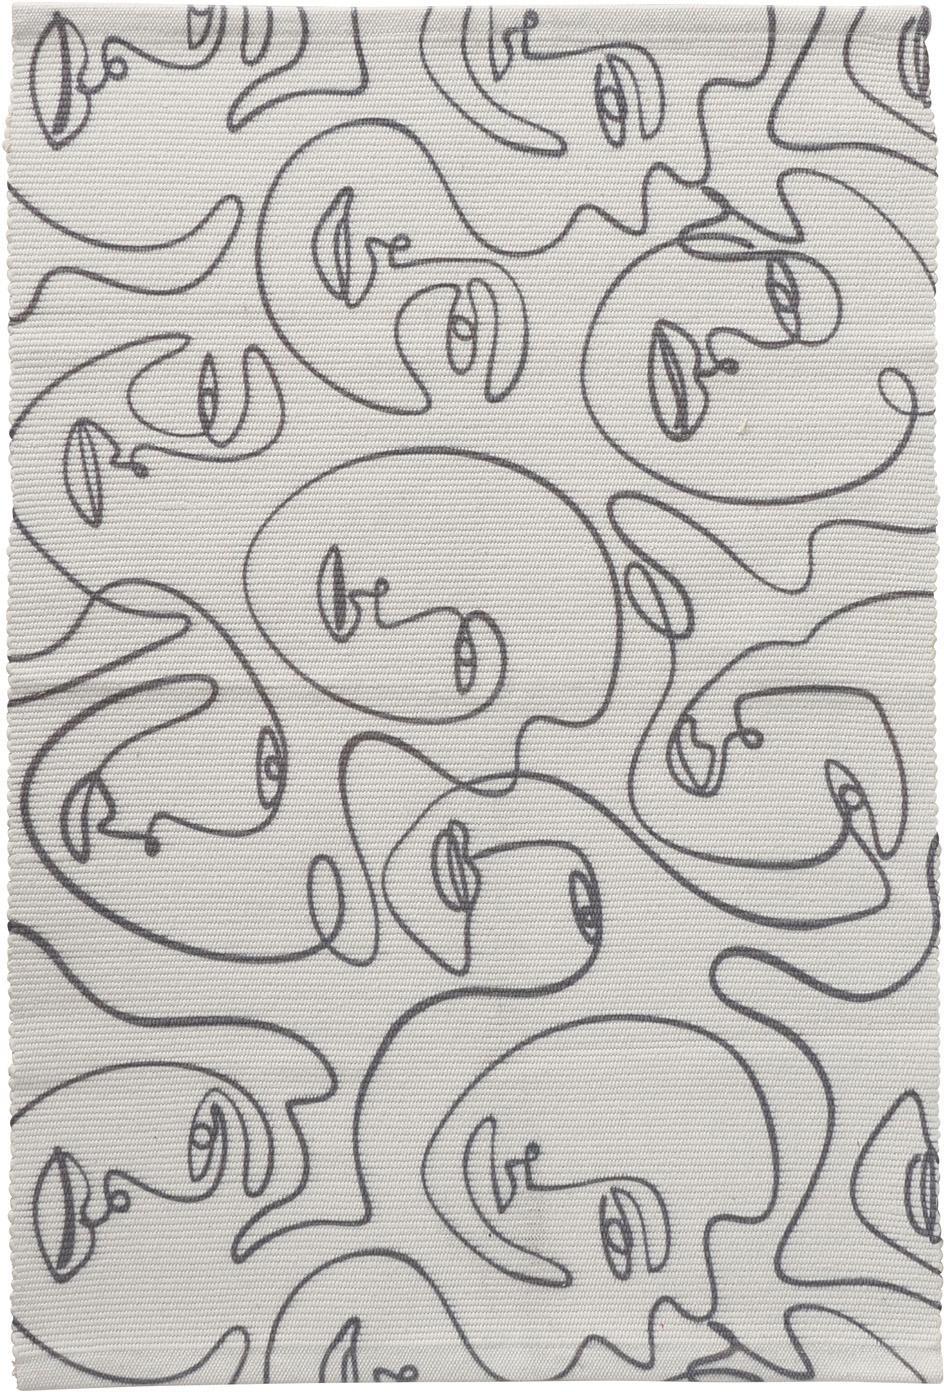 Teppich Picas mit abstrakter One Line Zeichnung, 50% Baumwolle, 50% Polyester, Gebrochenes Weiß, Schwarz,, B 60 x L 90 cm (Größe XXS)